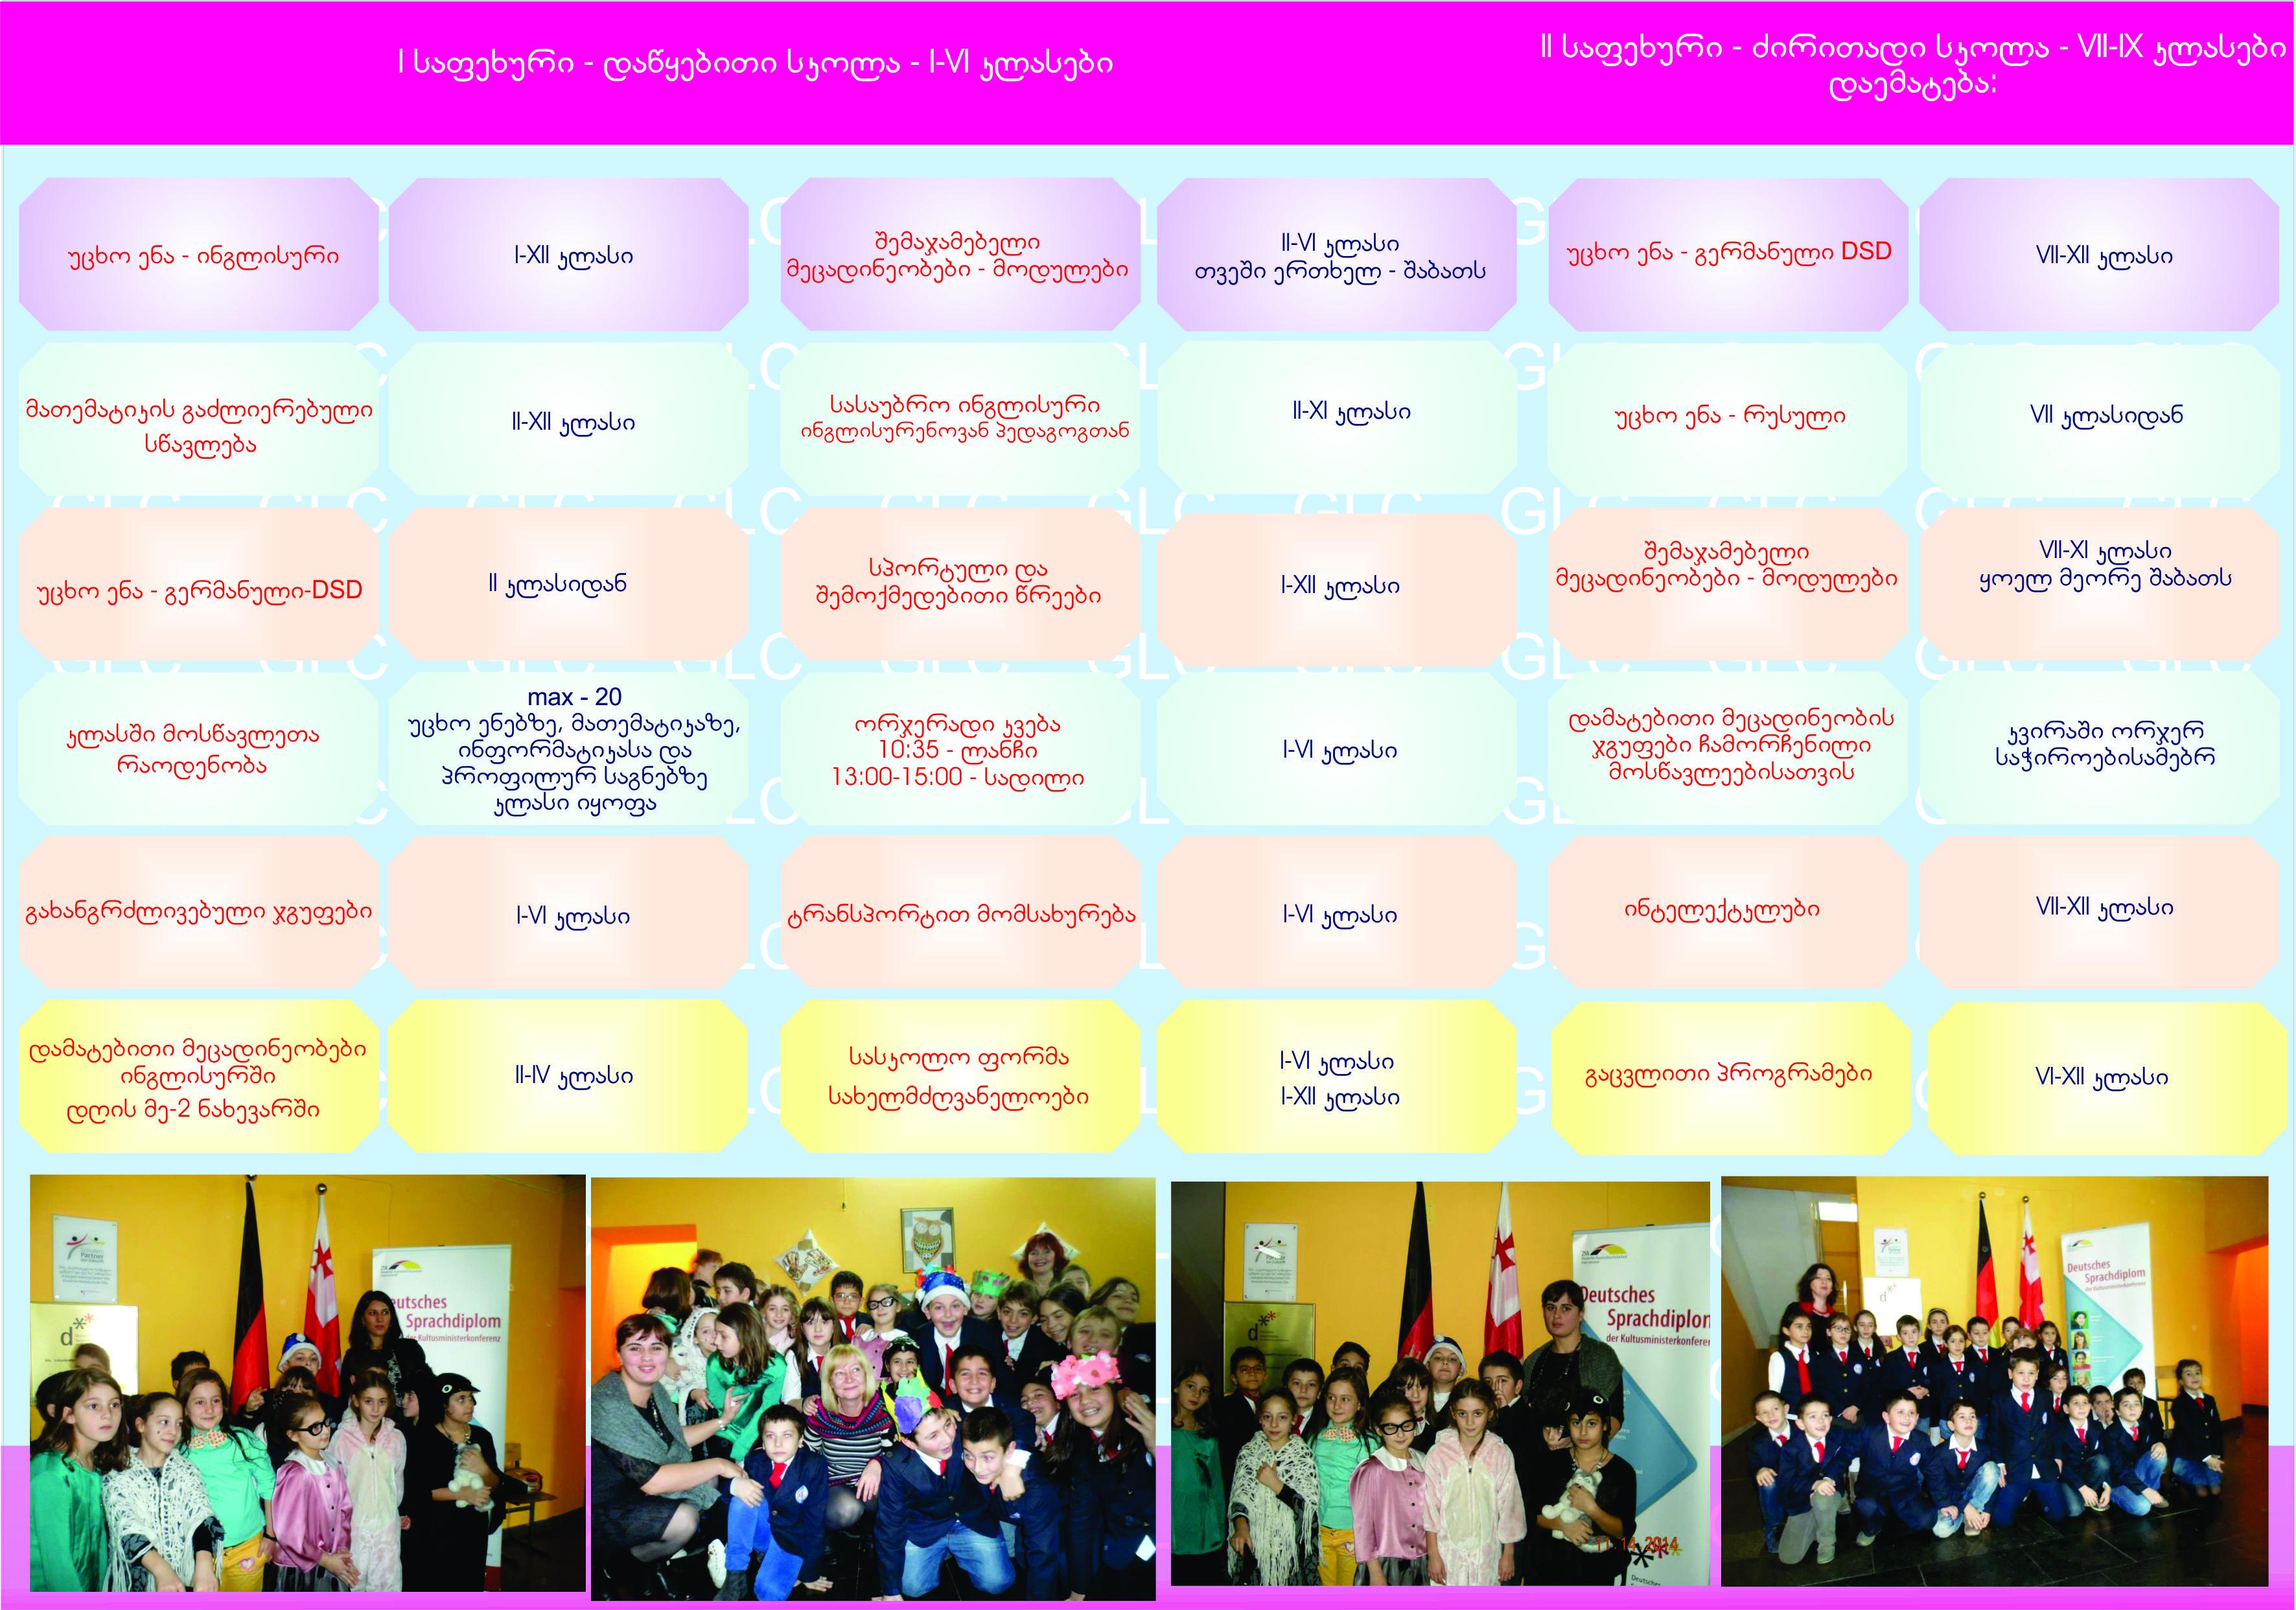 GLCschool.cdr - tripleti